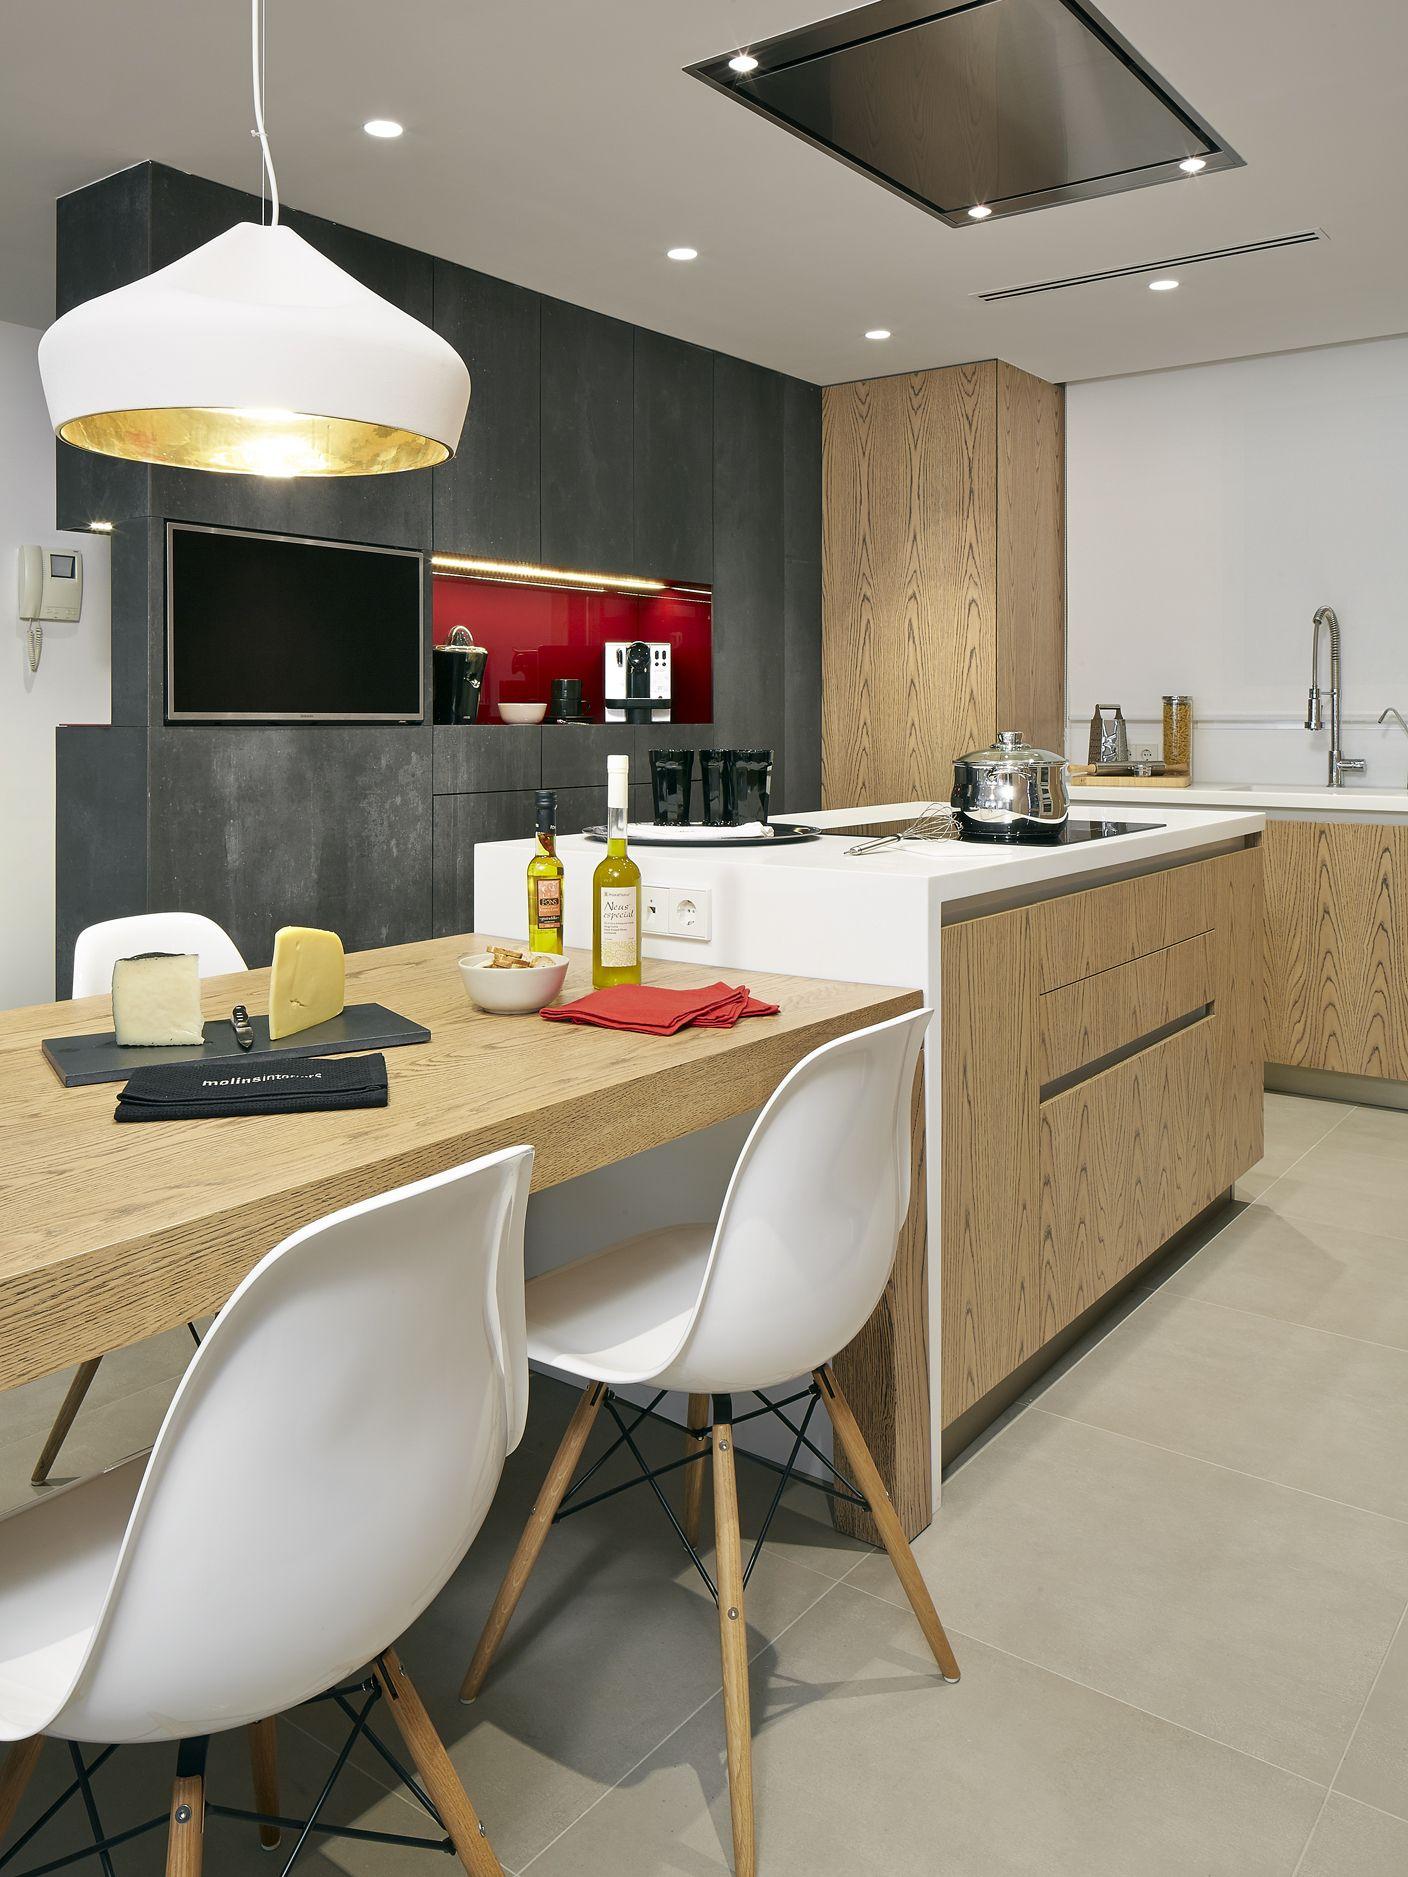 molins interiors arquitectura interior cocina